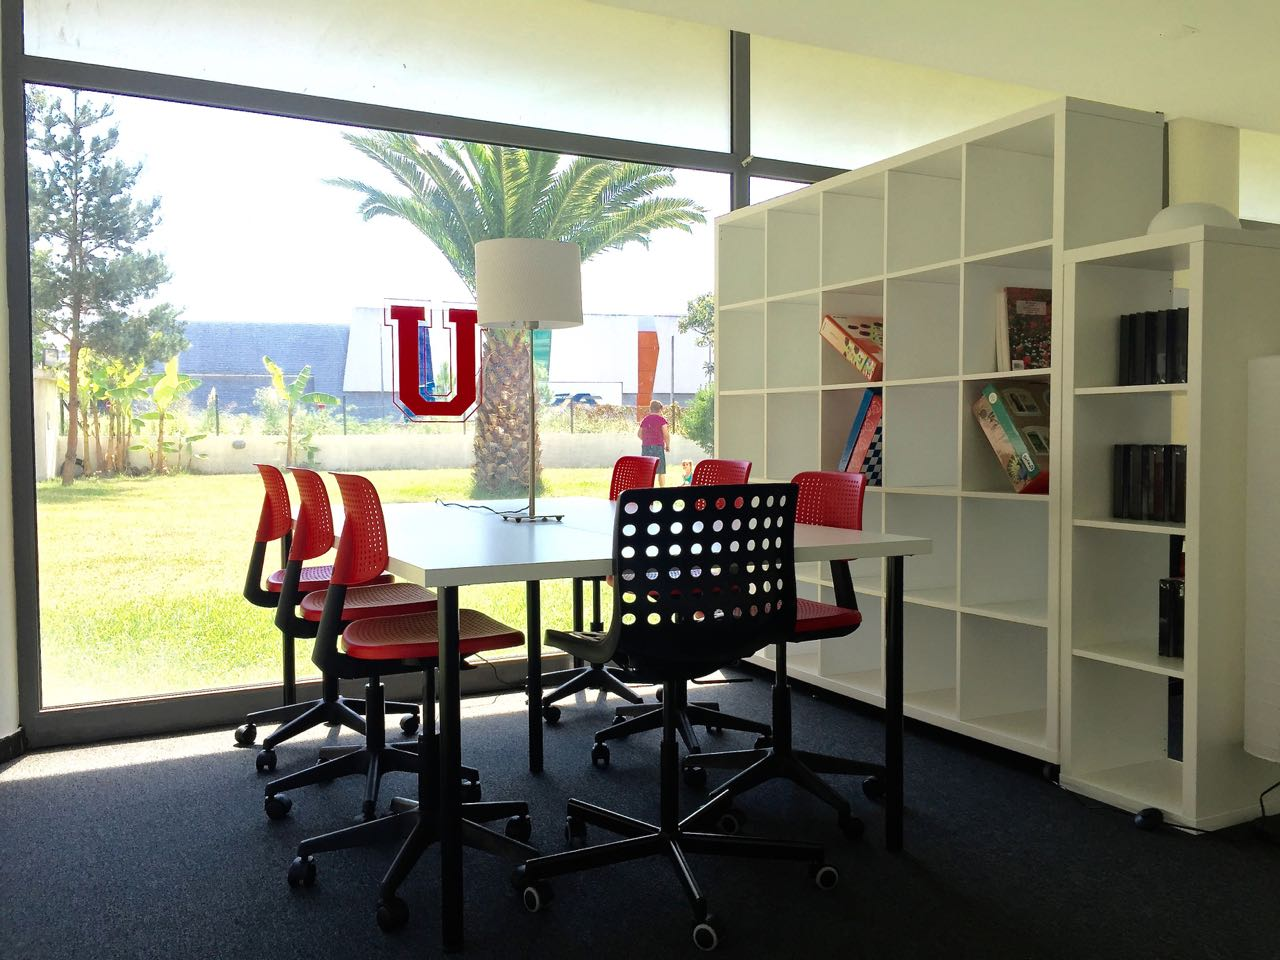 Weteach - Centros de Estudos - Instalações - Moreira da Maia